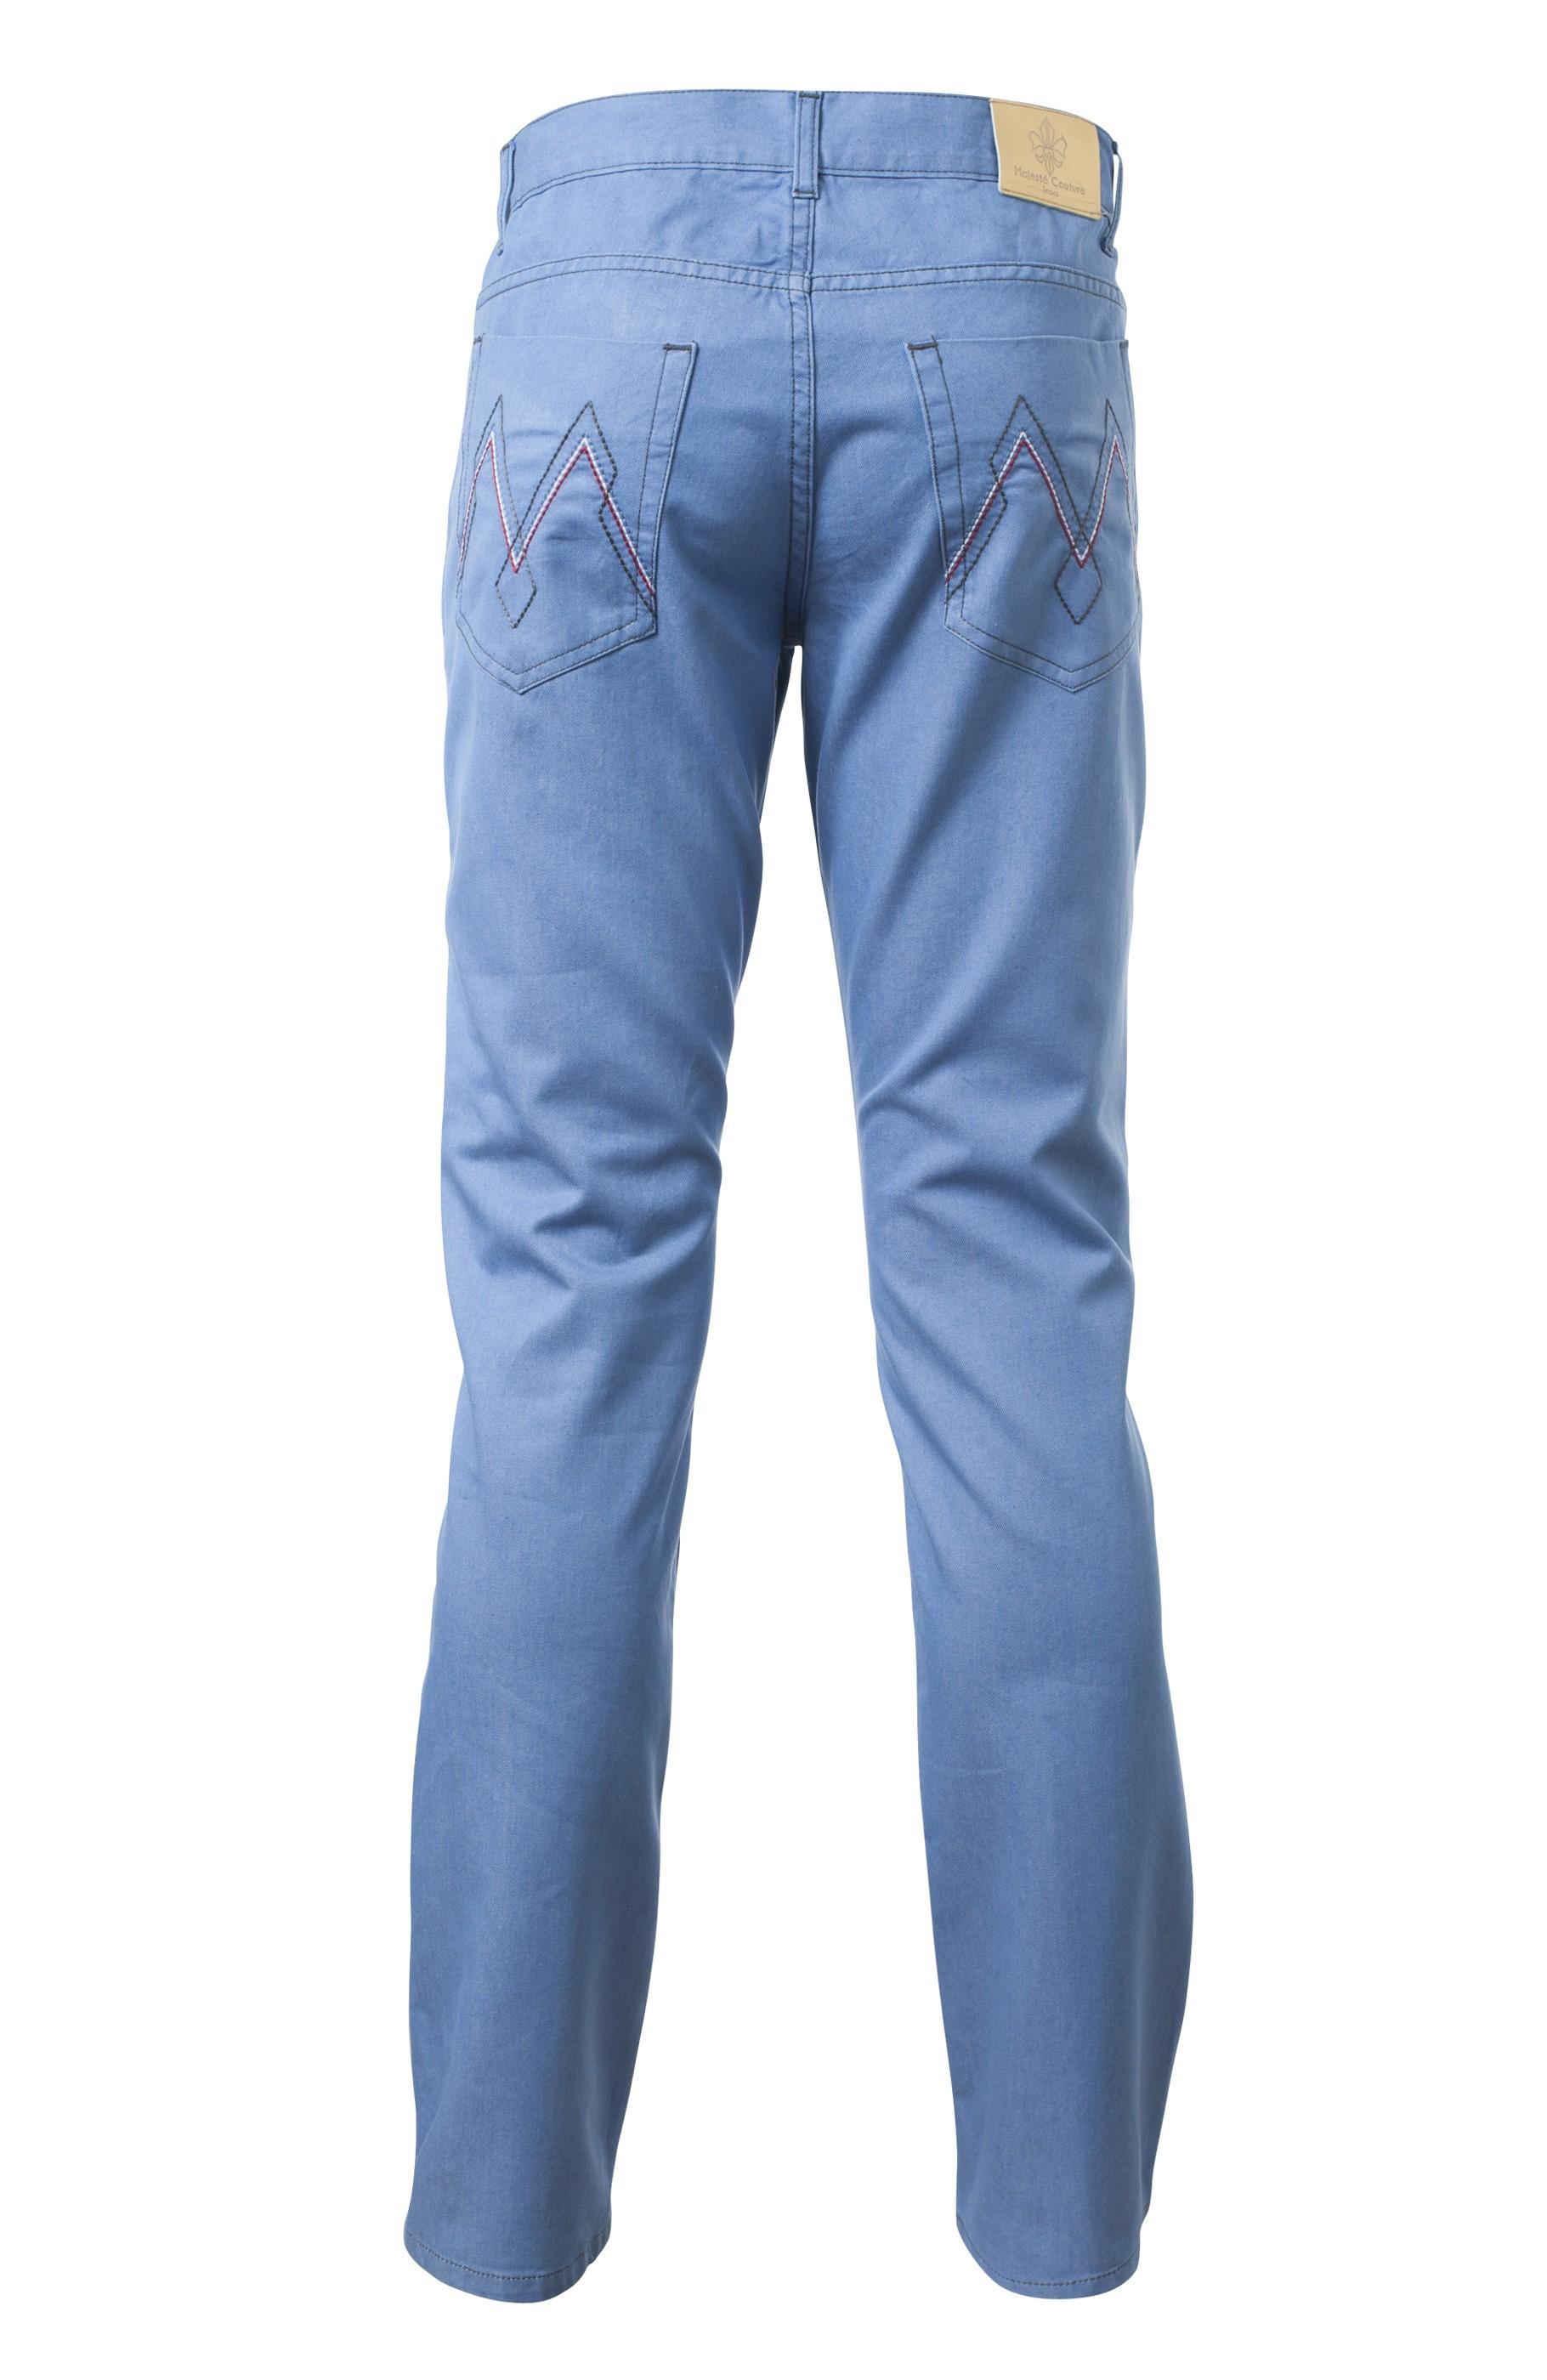 Majesté Couture Paris: MJ-421 CELESTIAL JEANS   Clothing,Clothing > Jeans -  Hiphunters Shop